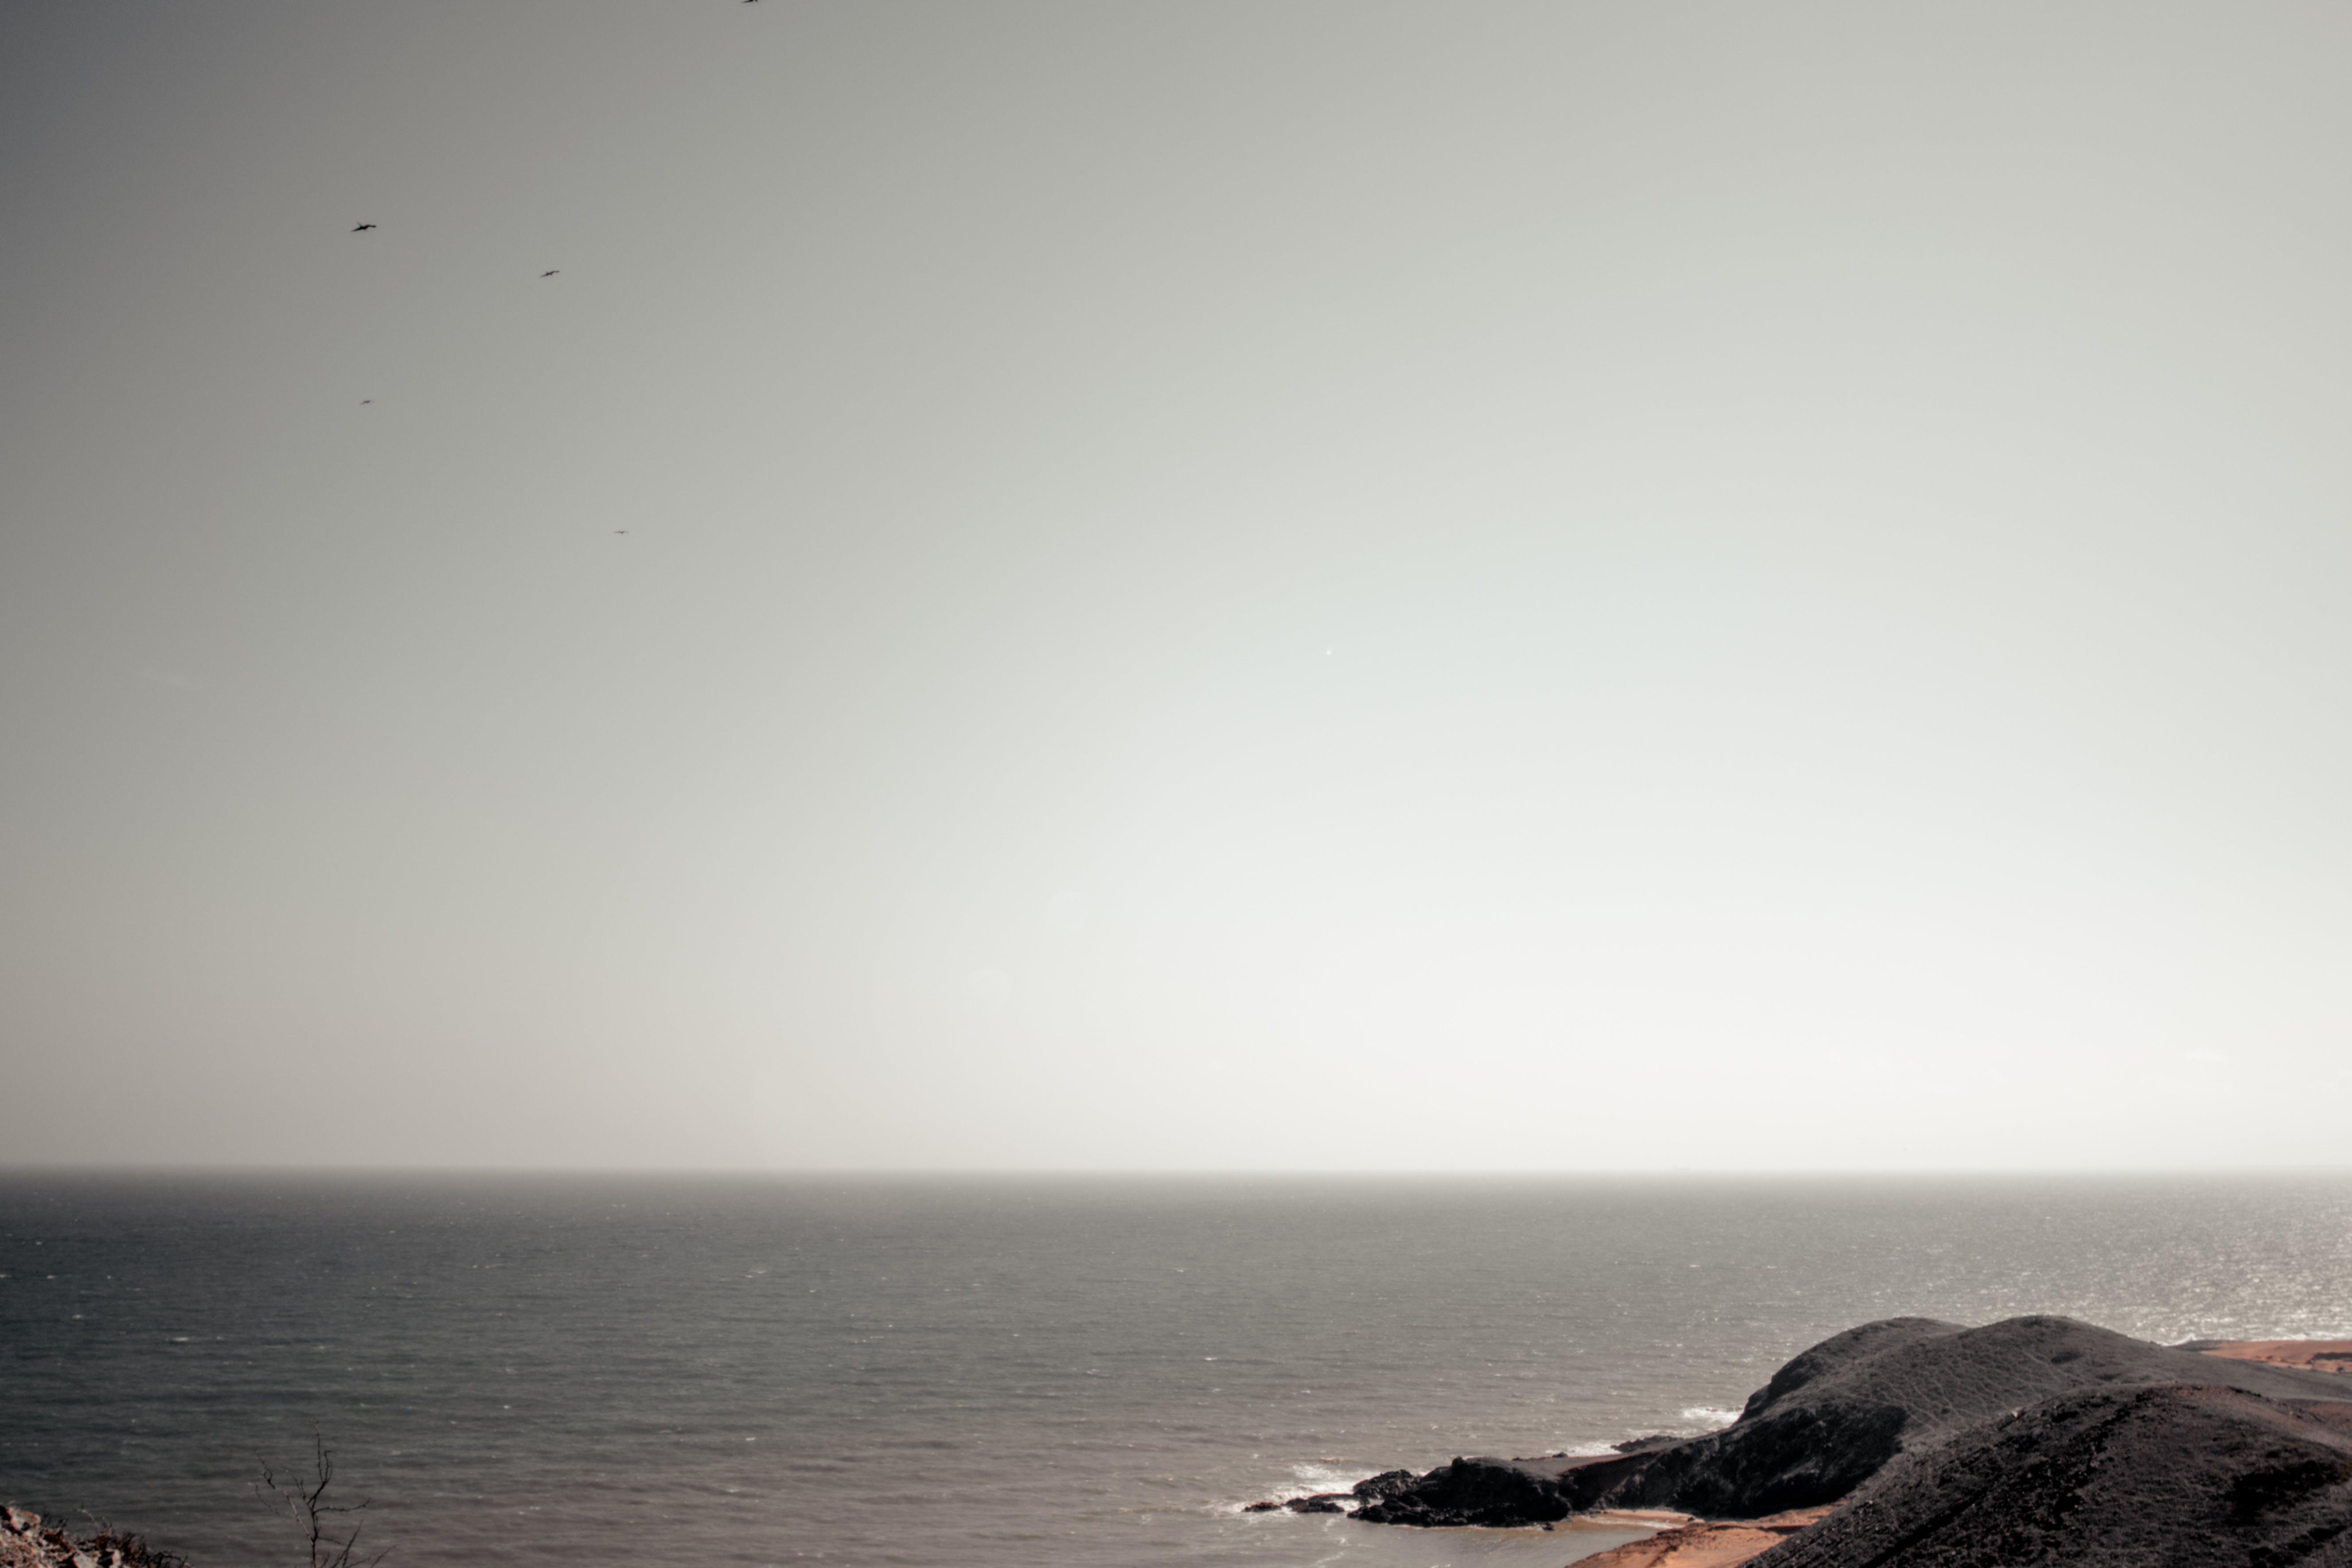 açık hava, ada, dağ, dalgalar içeren Ücretsiz stok fotoğraf